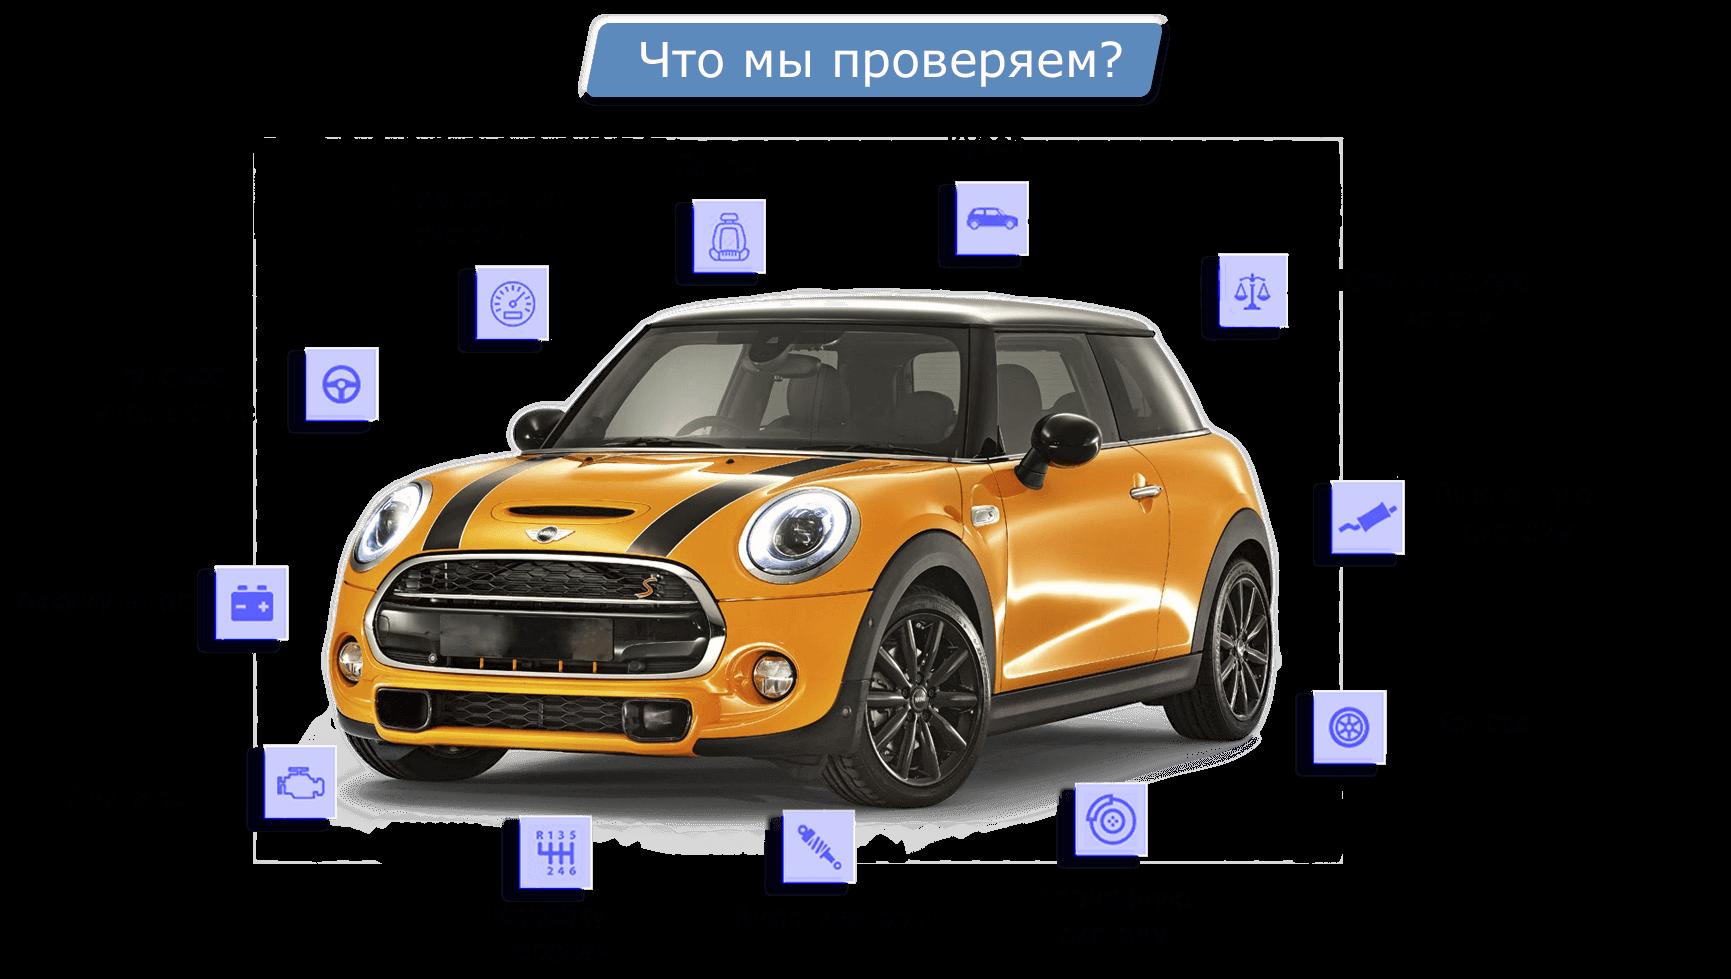 этап покупки автомоибля с рук - осмотр машины